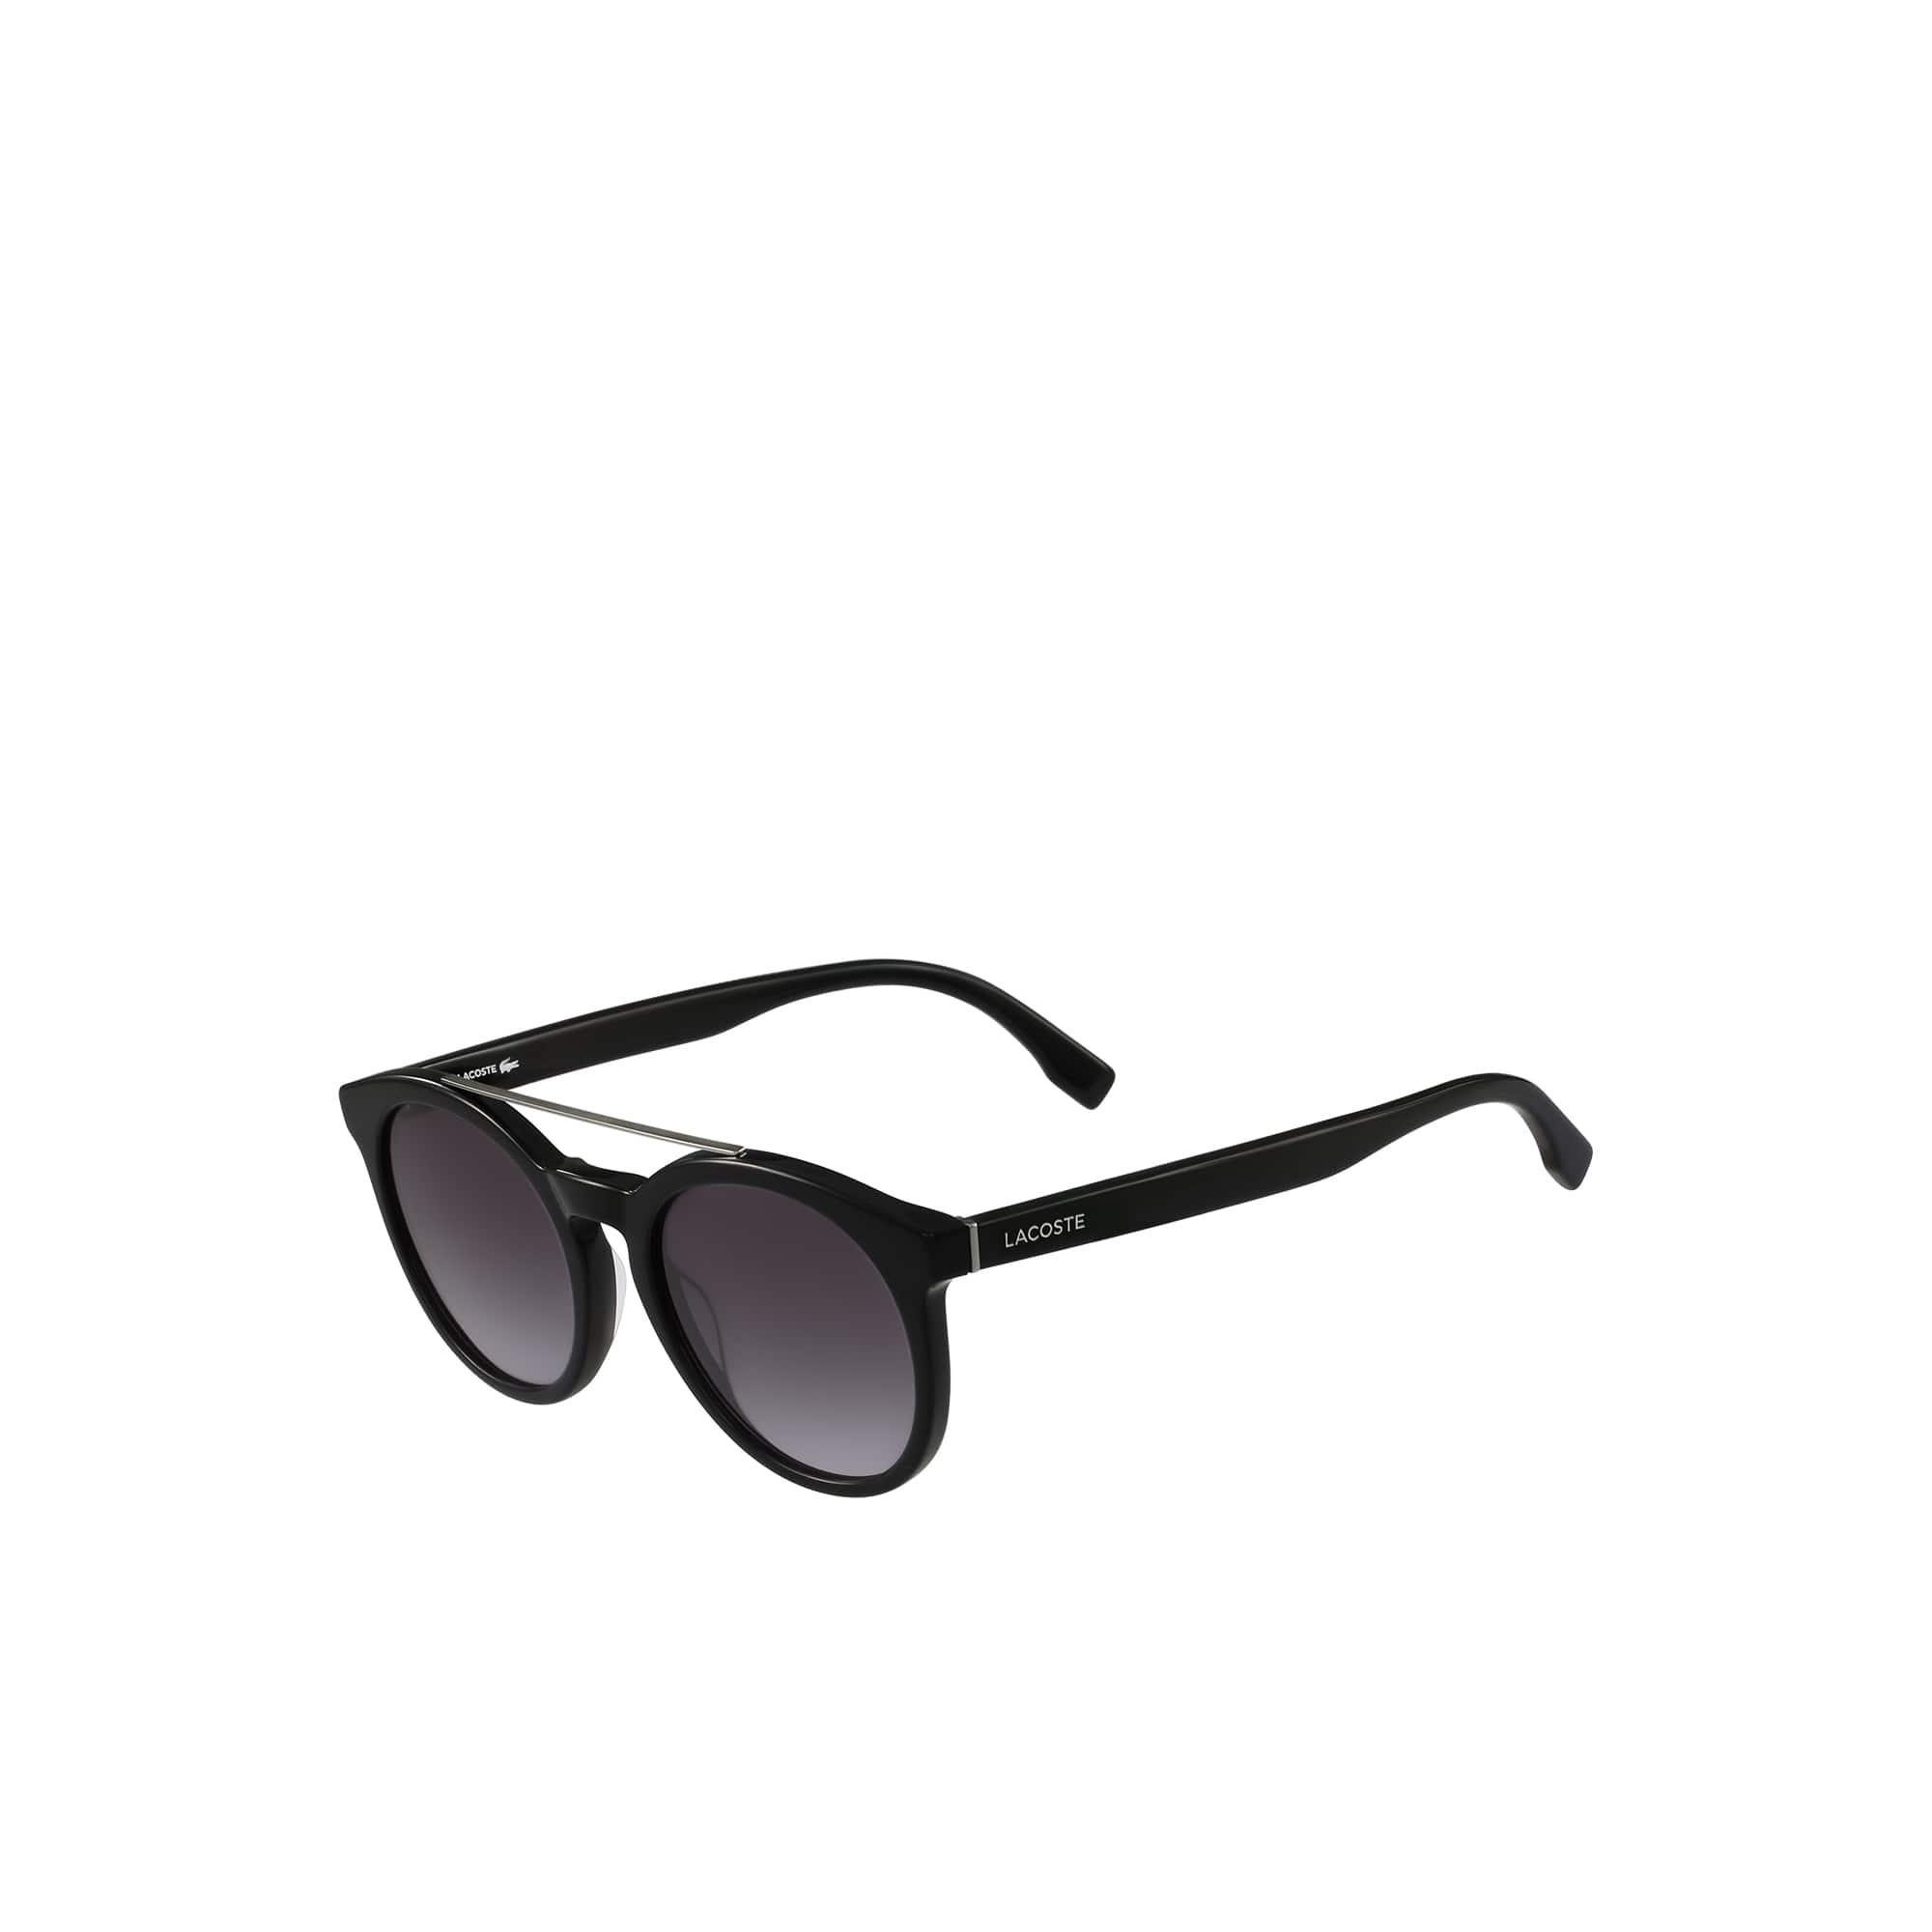 Unisex-Schildpatt-Sonnenbrille im Retro-Look